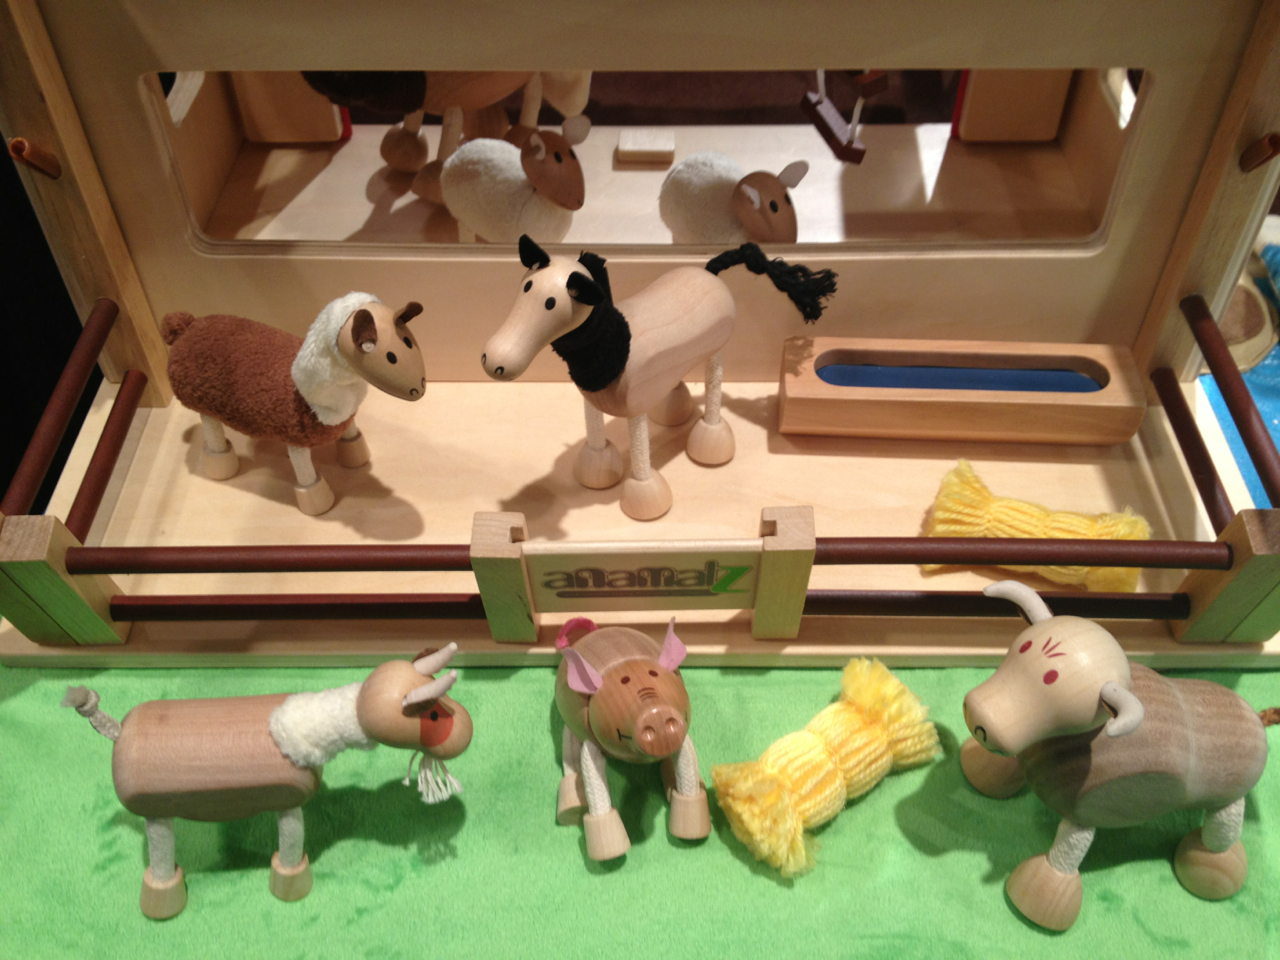 РЕКОМЕНДУЮ. Уникальные игрушки для наших деток. А также акваферма, платформа для рисования водой.